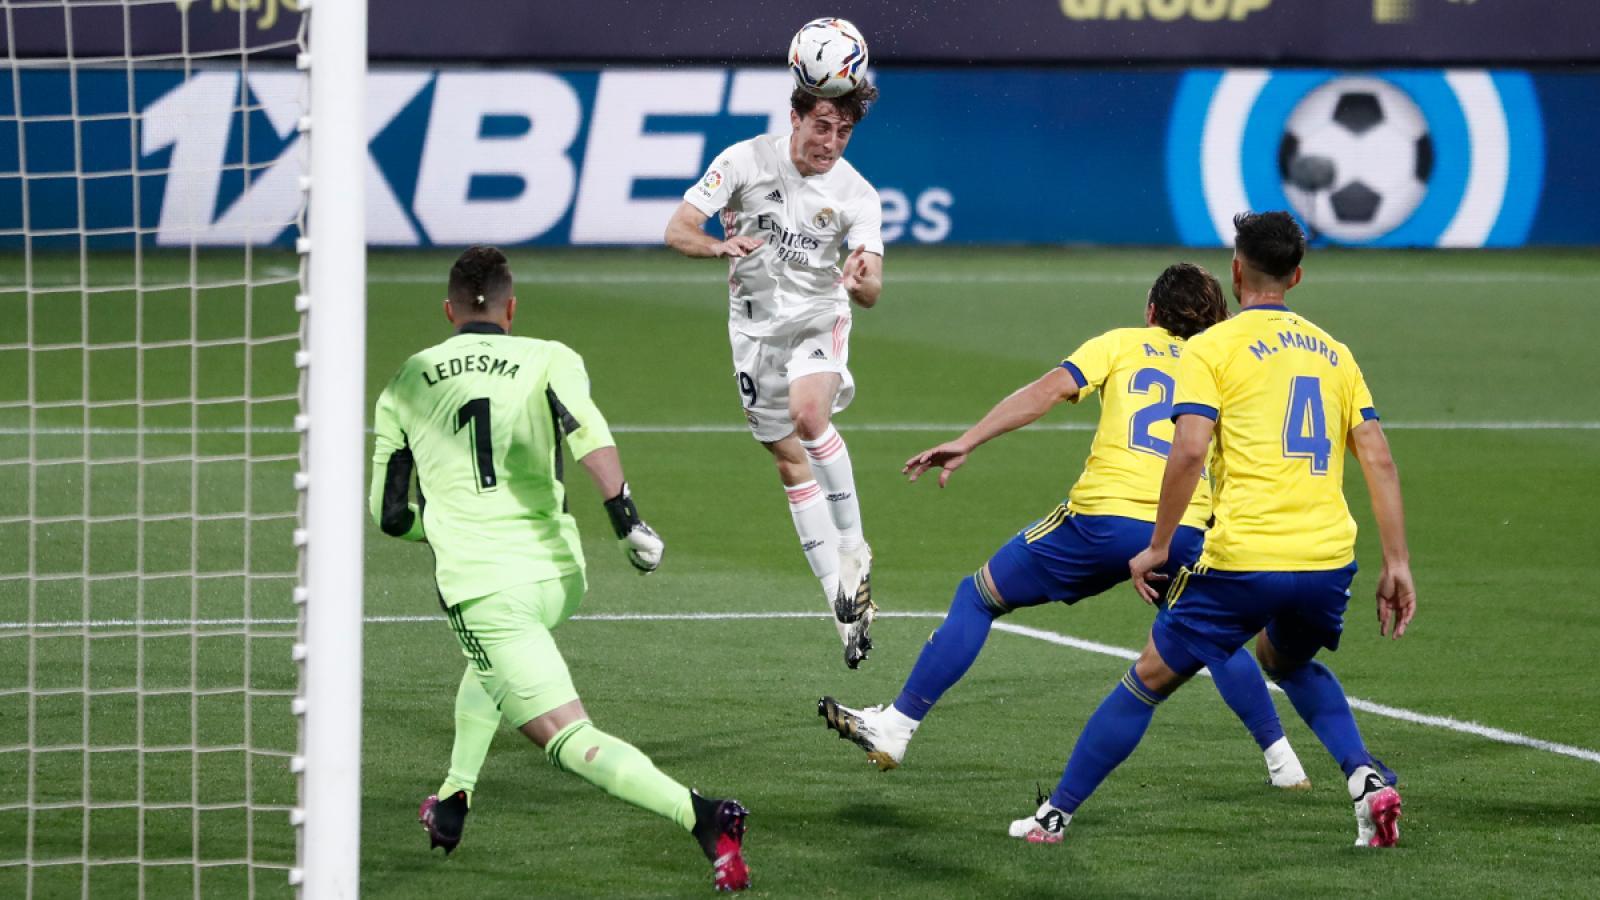 Álvaro Odriozola marcó el segundo tanto del encuentro con este cabezazo, tras centro de Benzemá.